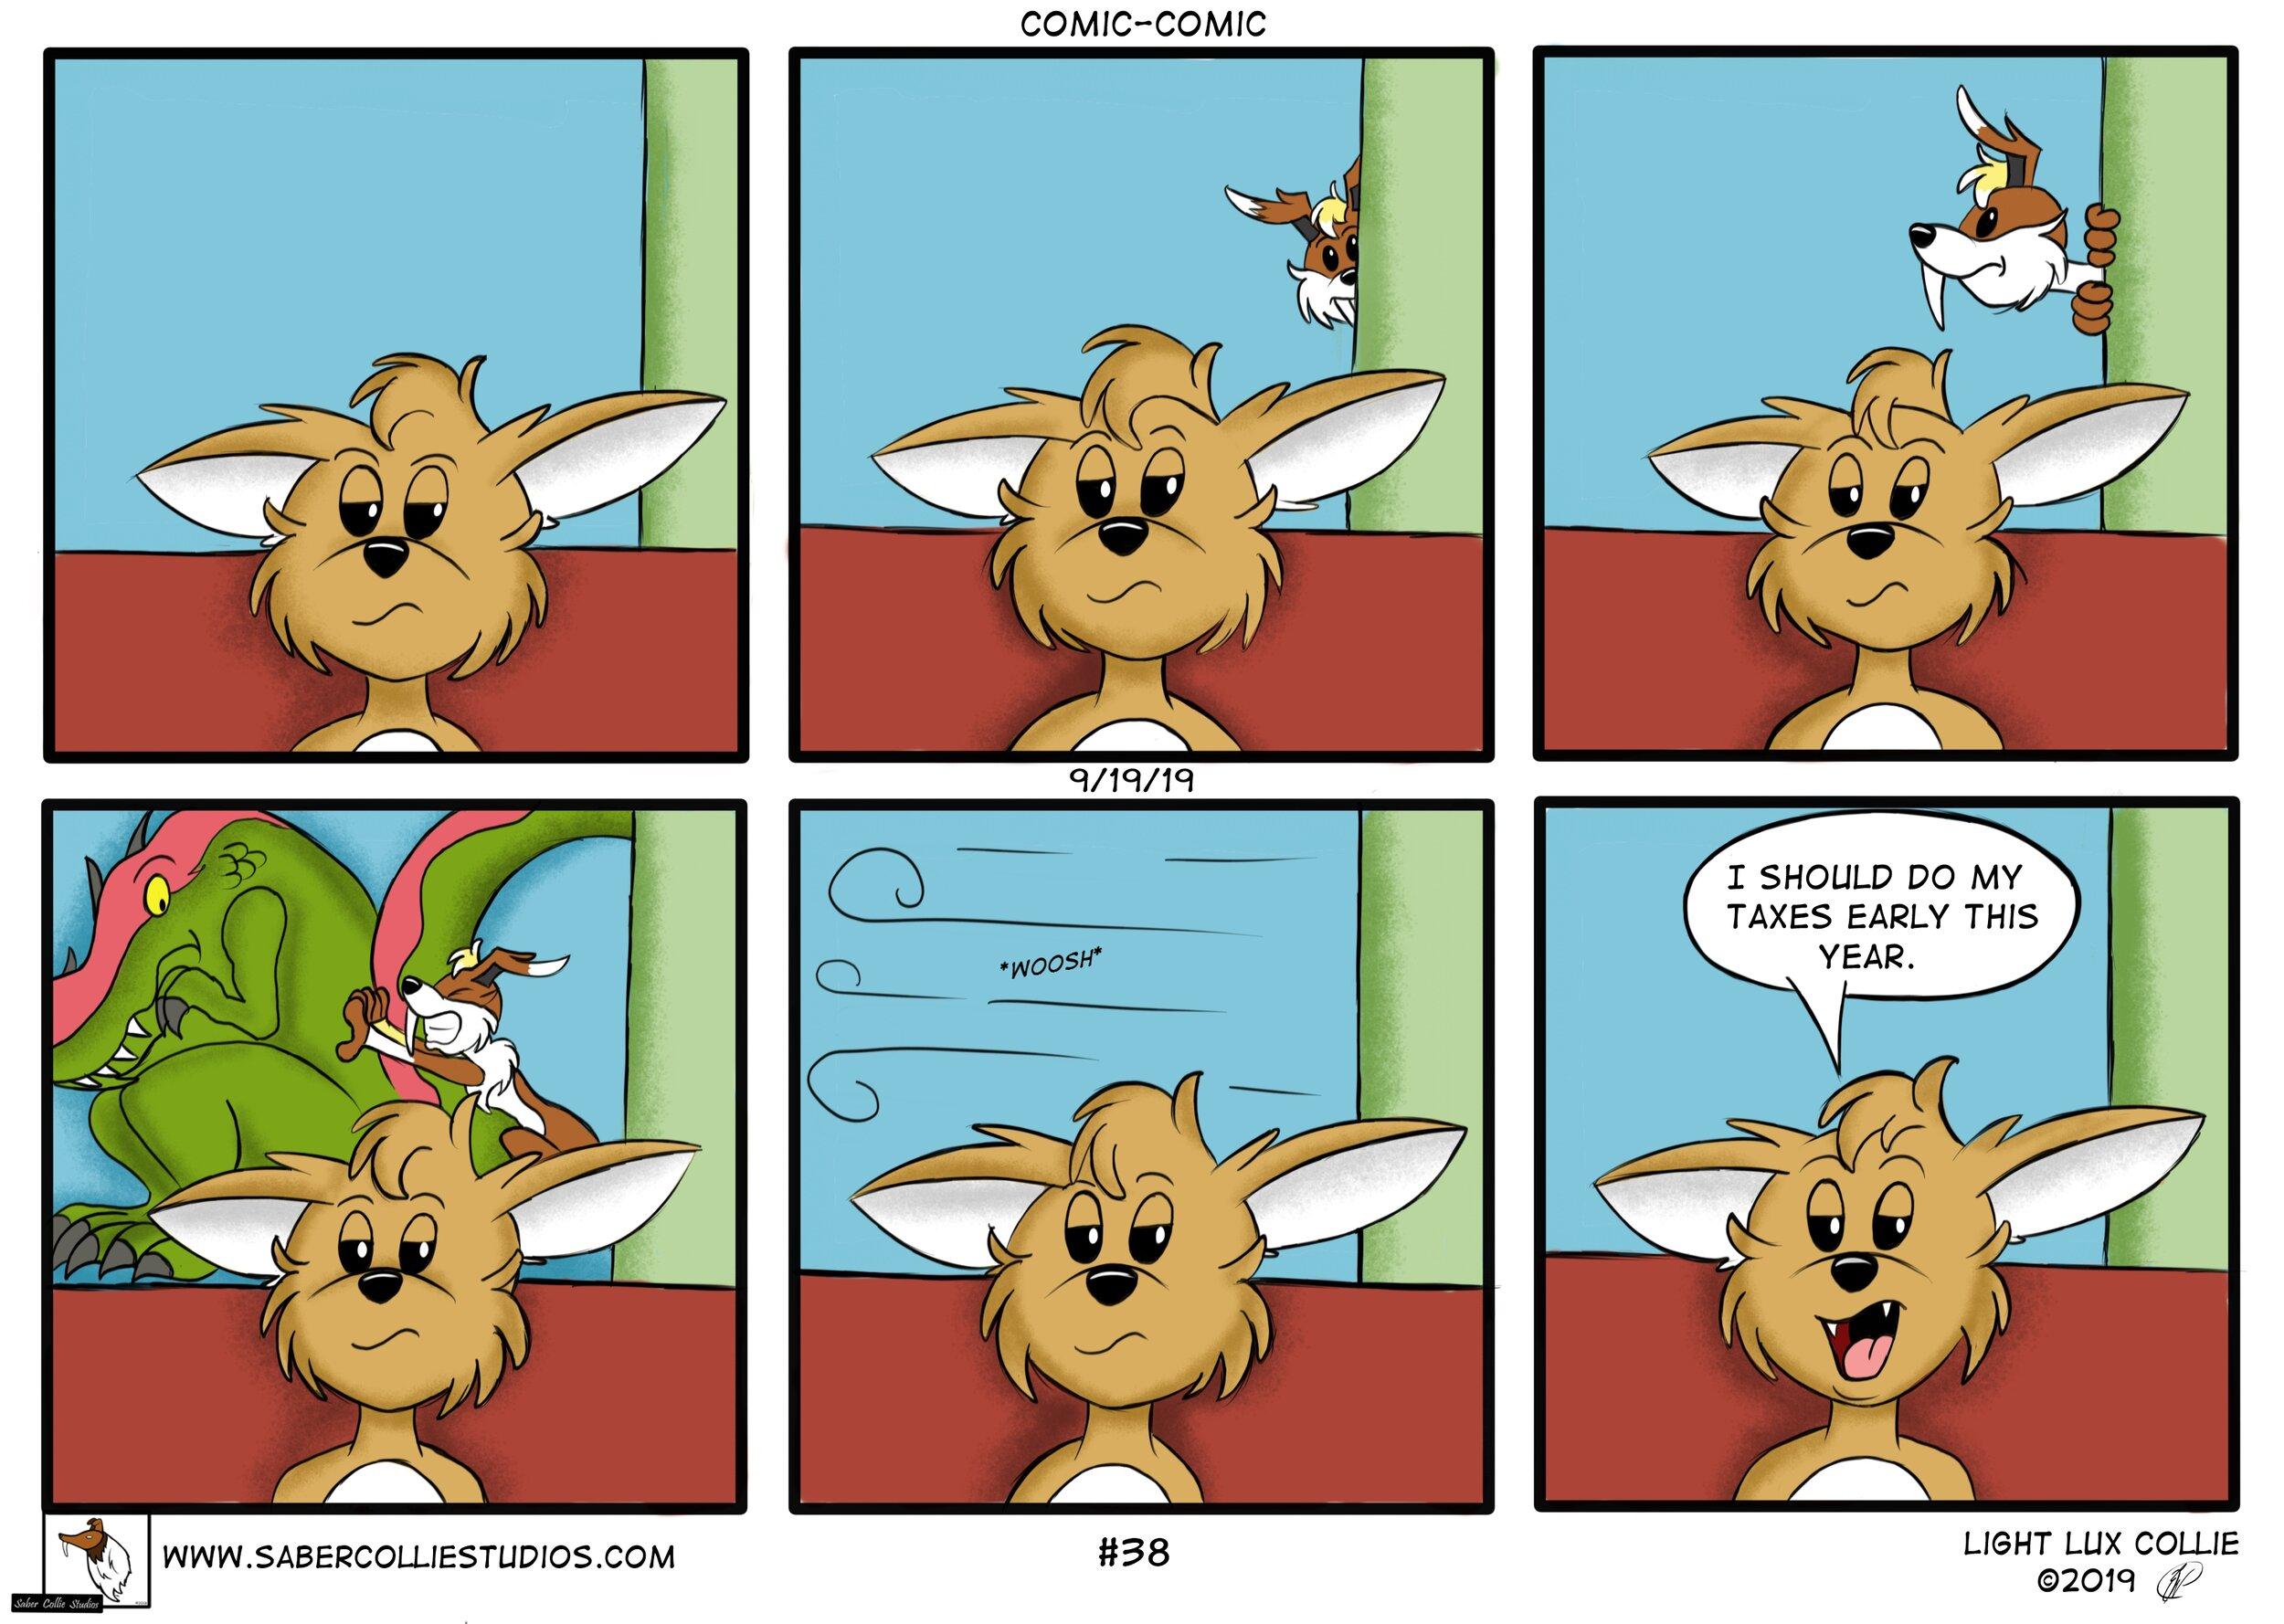 comiccomic 9 19 19.jpg